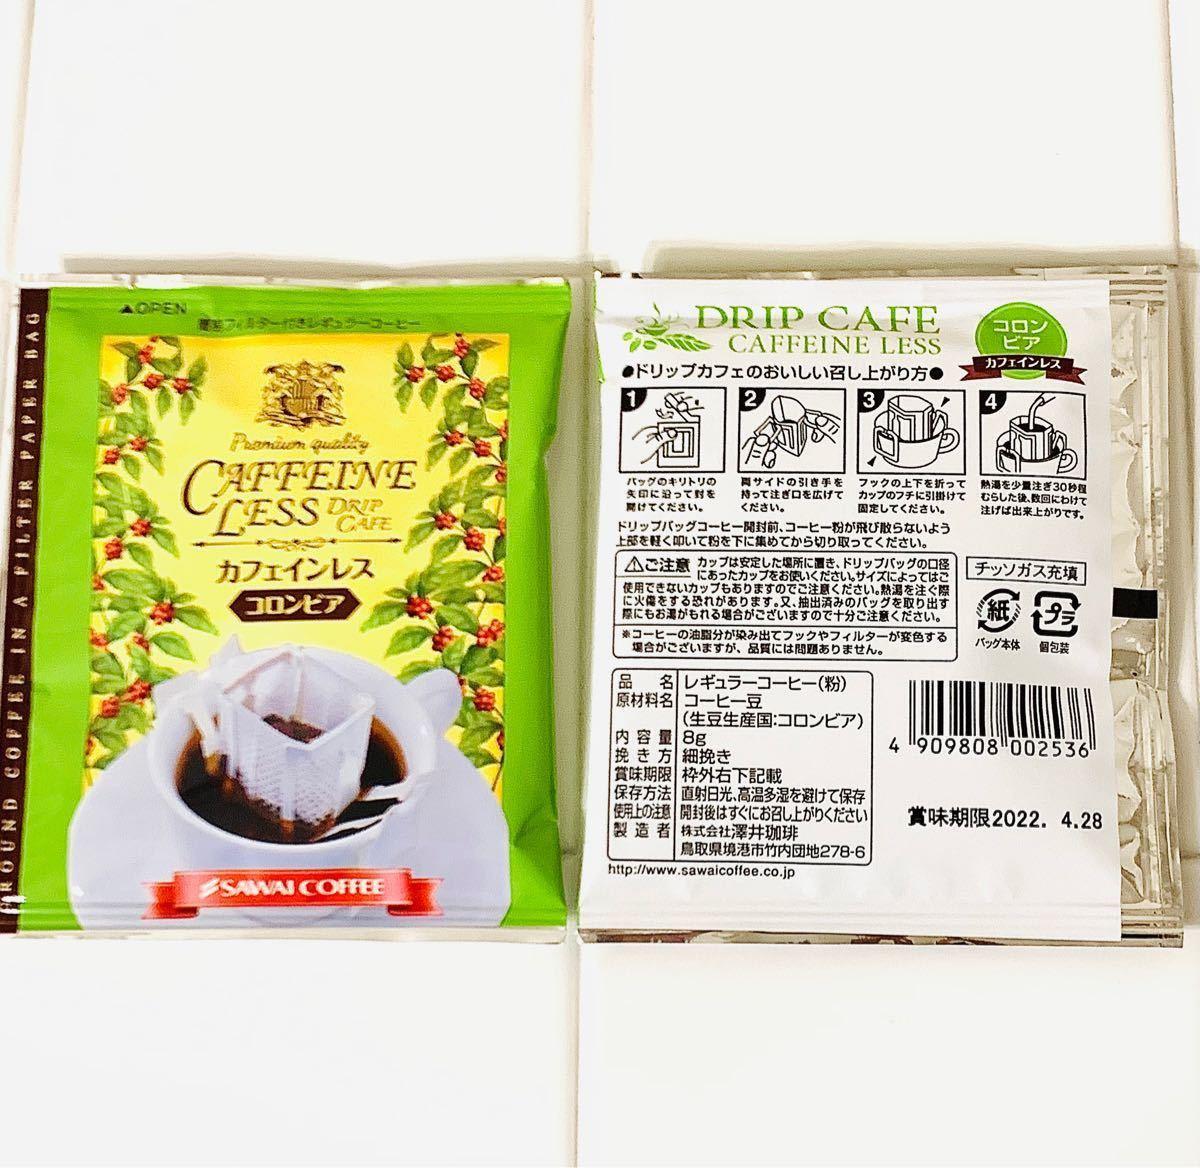 カフェインレス コロンビア ドリップバッグコーヒー  20袋